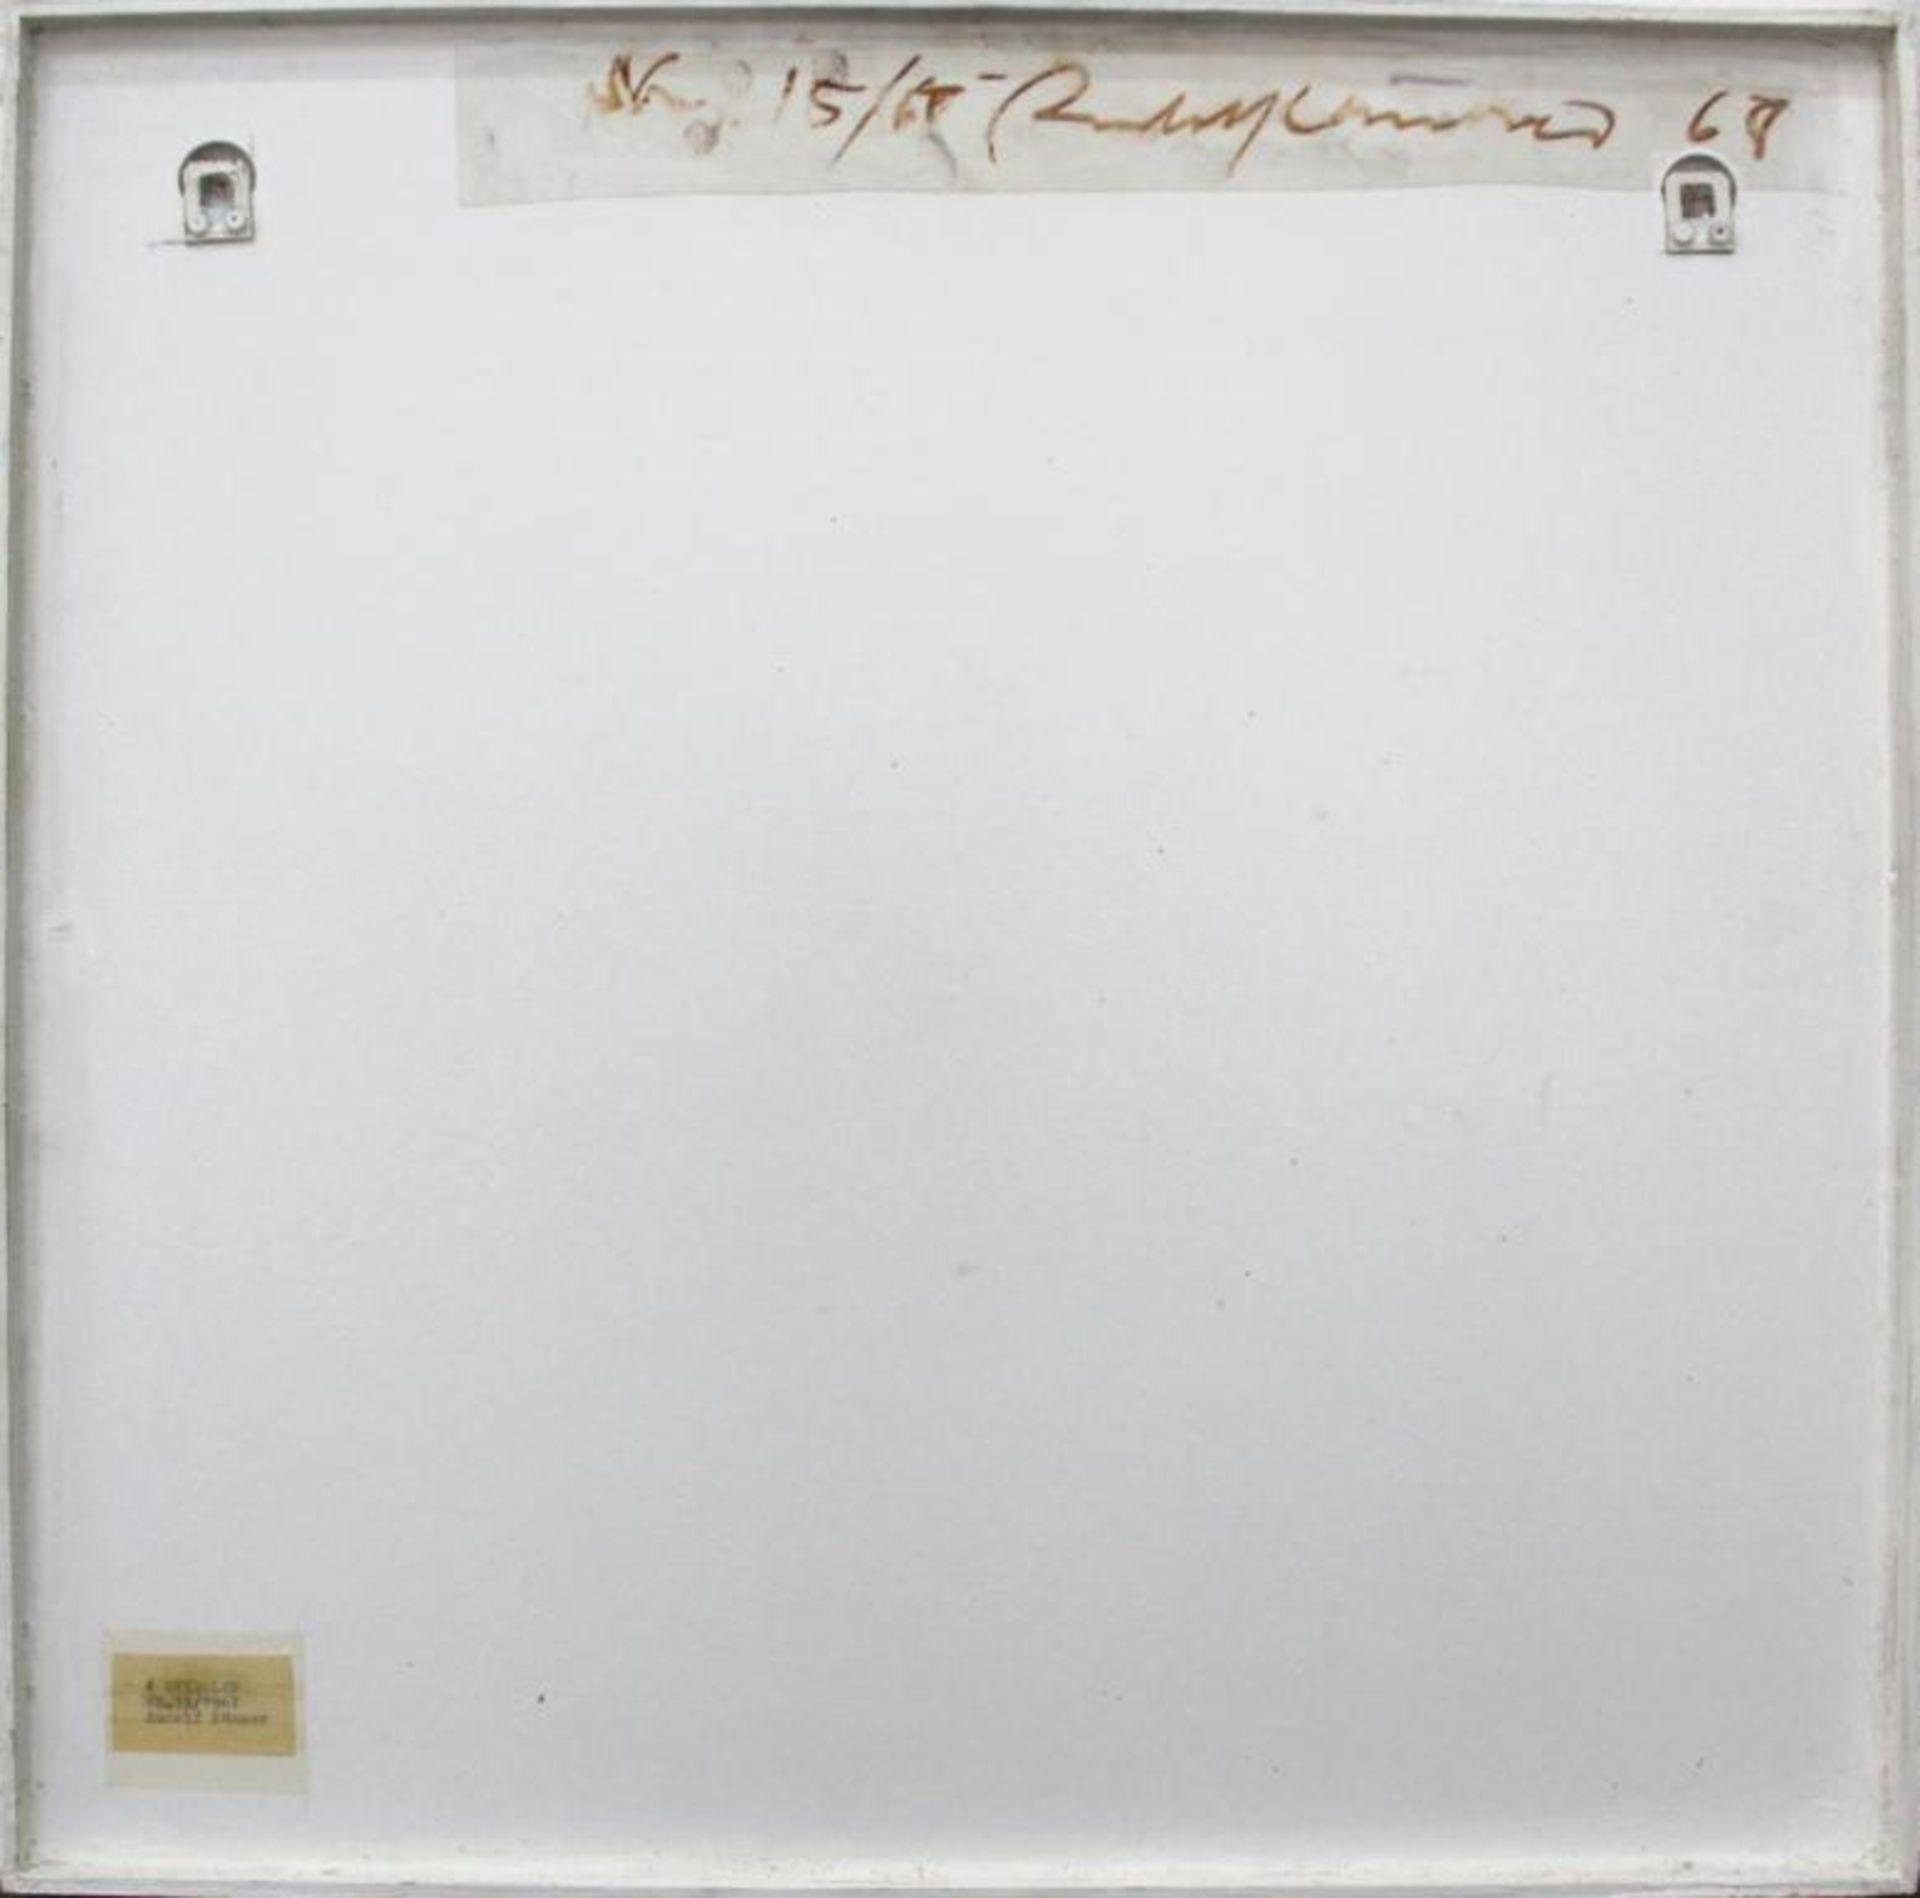 Los 12 - Kämmer Rudolf (geb. 1935) 4 Spiralen 1967 Acryl-Leuchtfarbe auf Platte handsigniert und datiert